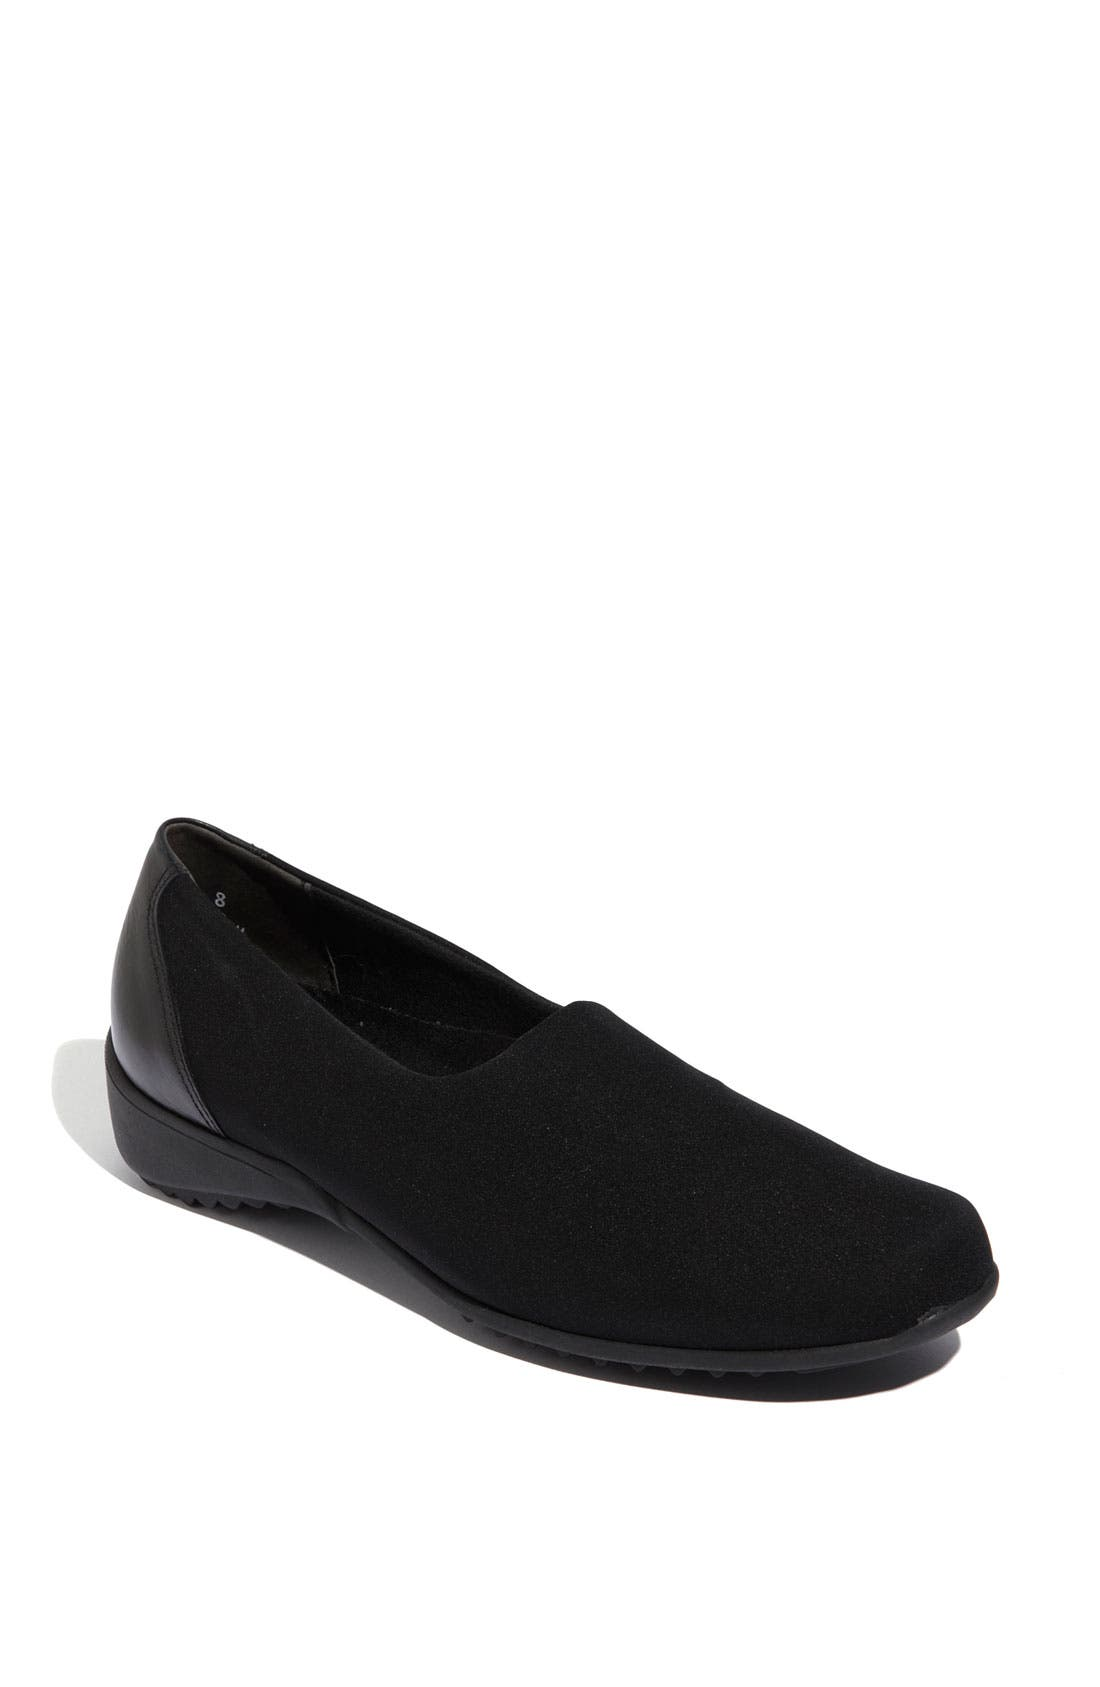 'Traveler' Slip-On,                         Main,                         color, BLACK